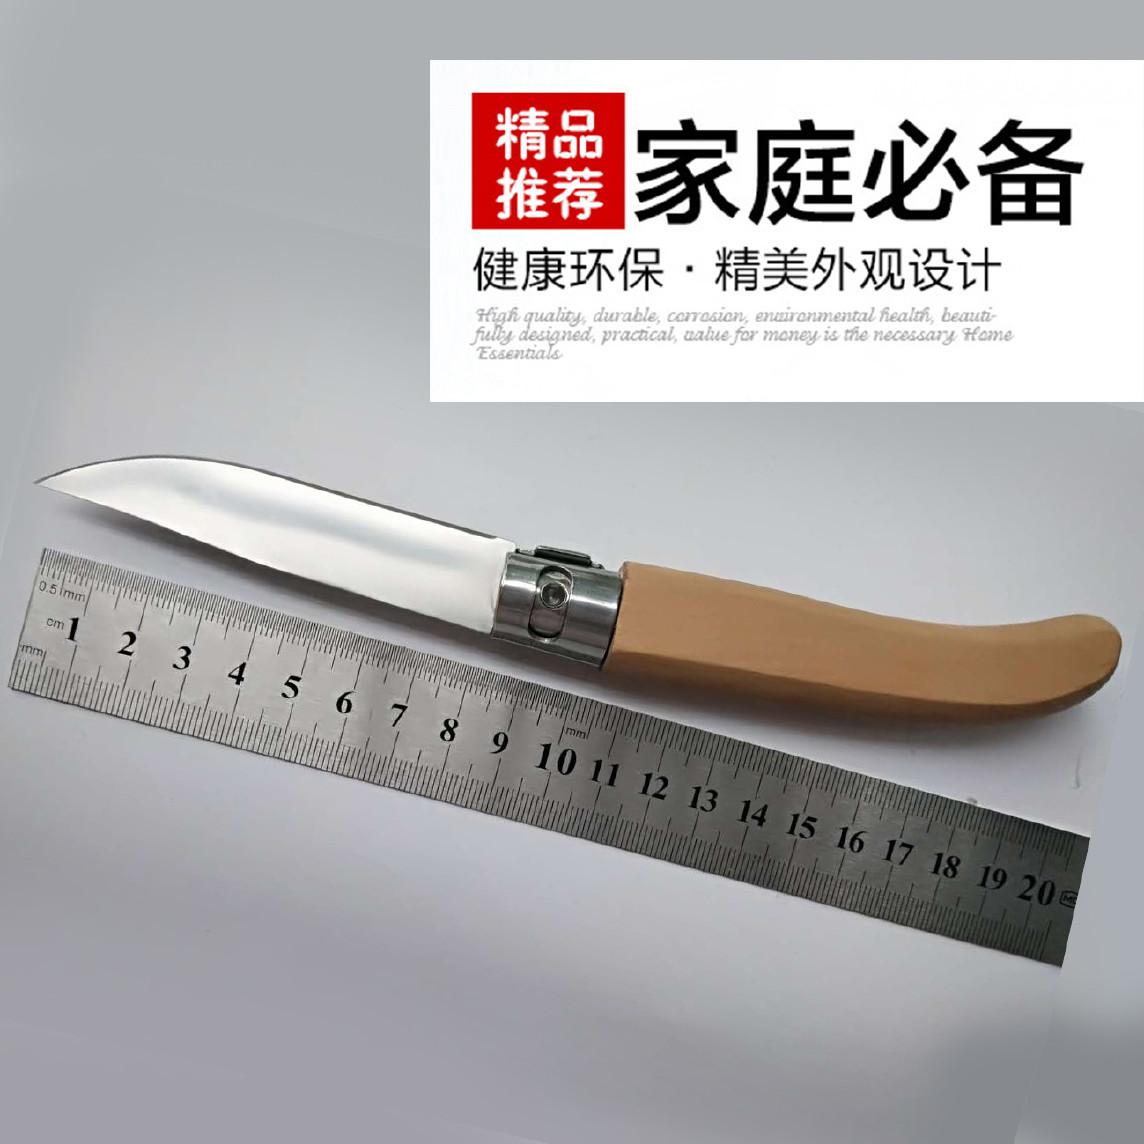 户外正品小刀 高硬度 木柄水果刀礼品刀具 不锈钢水果刀图片